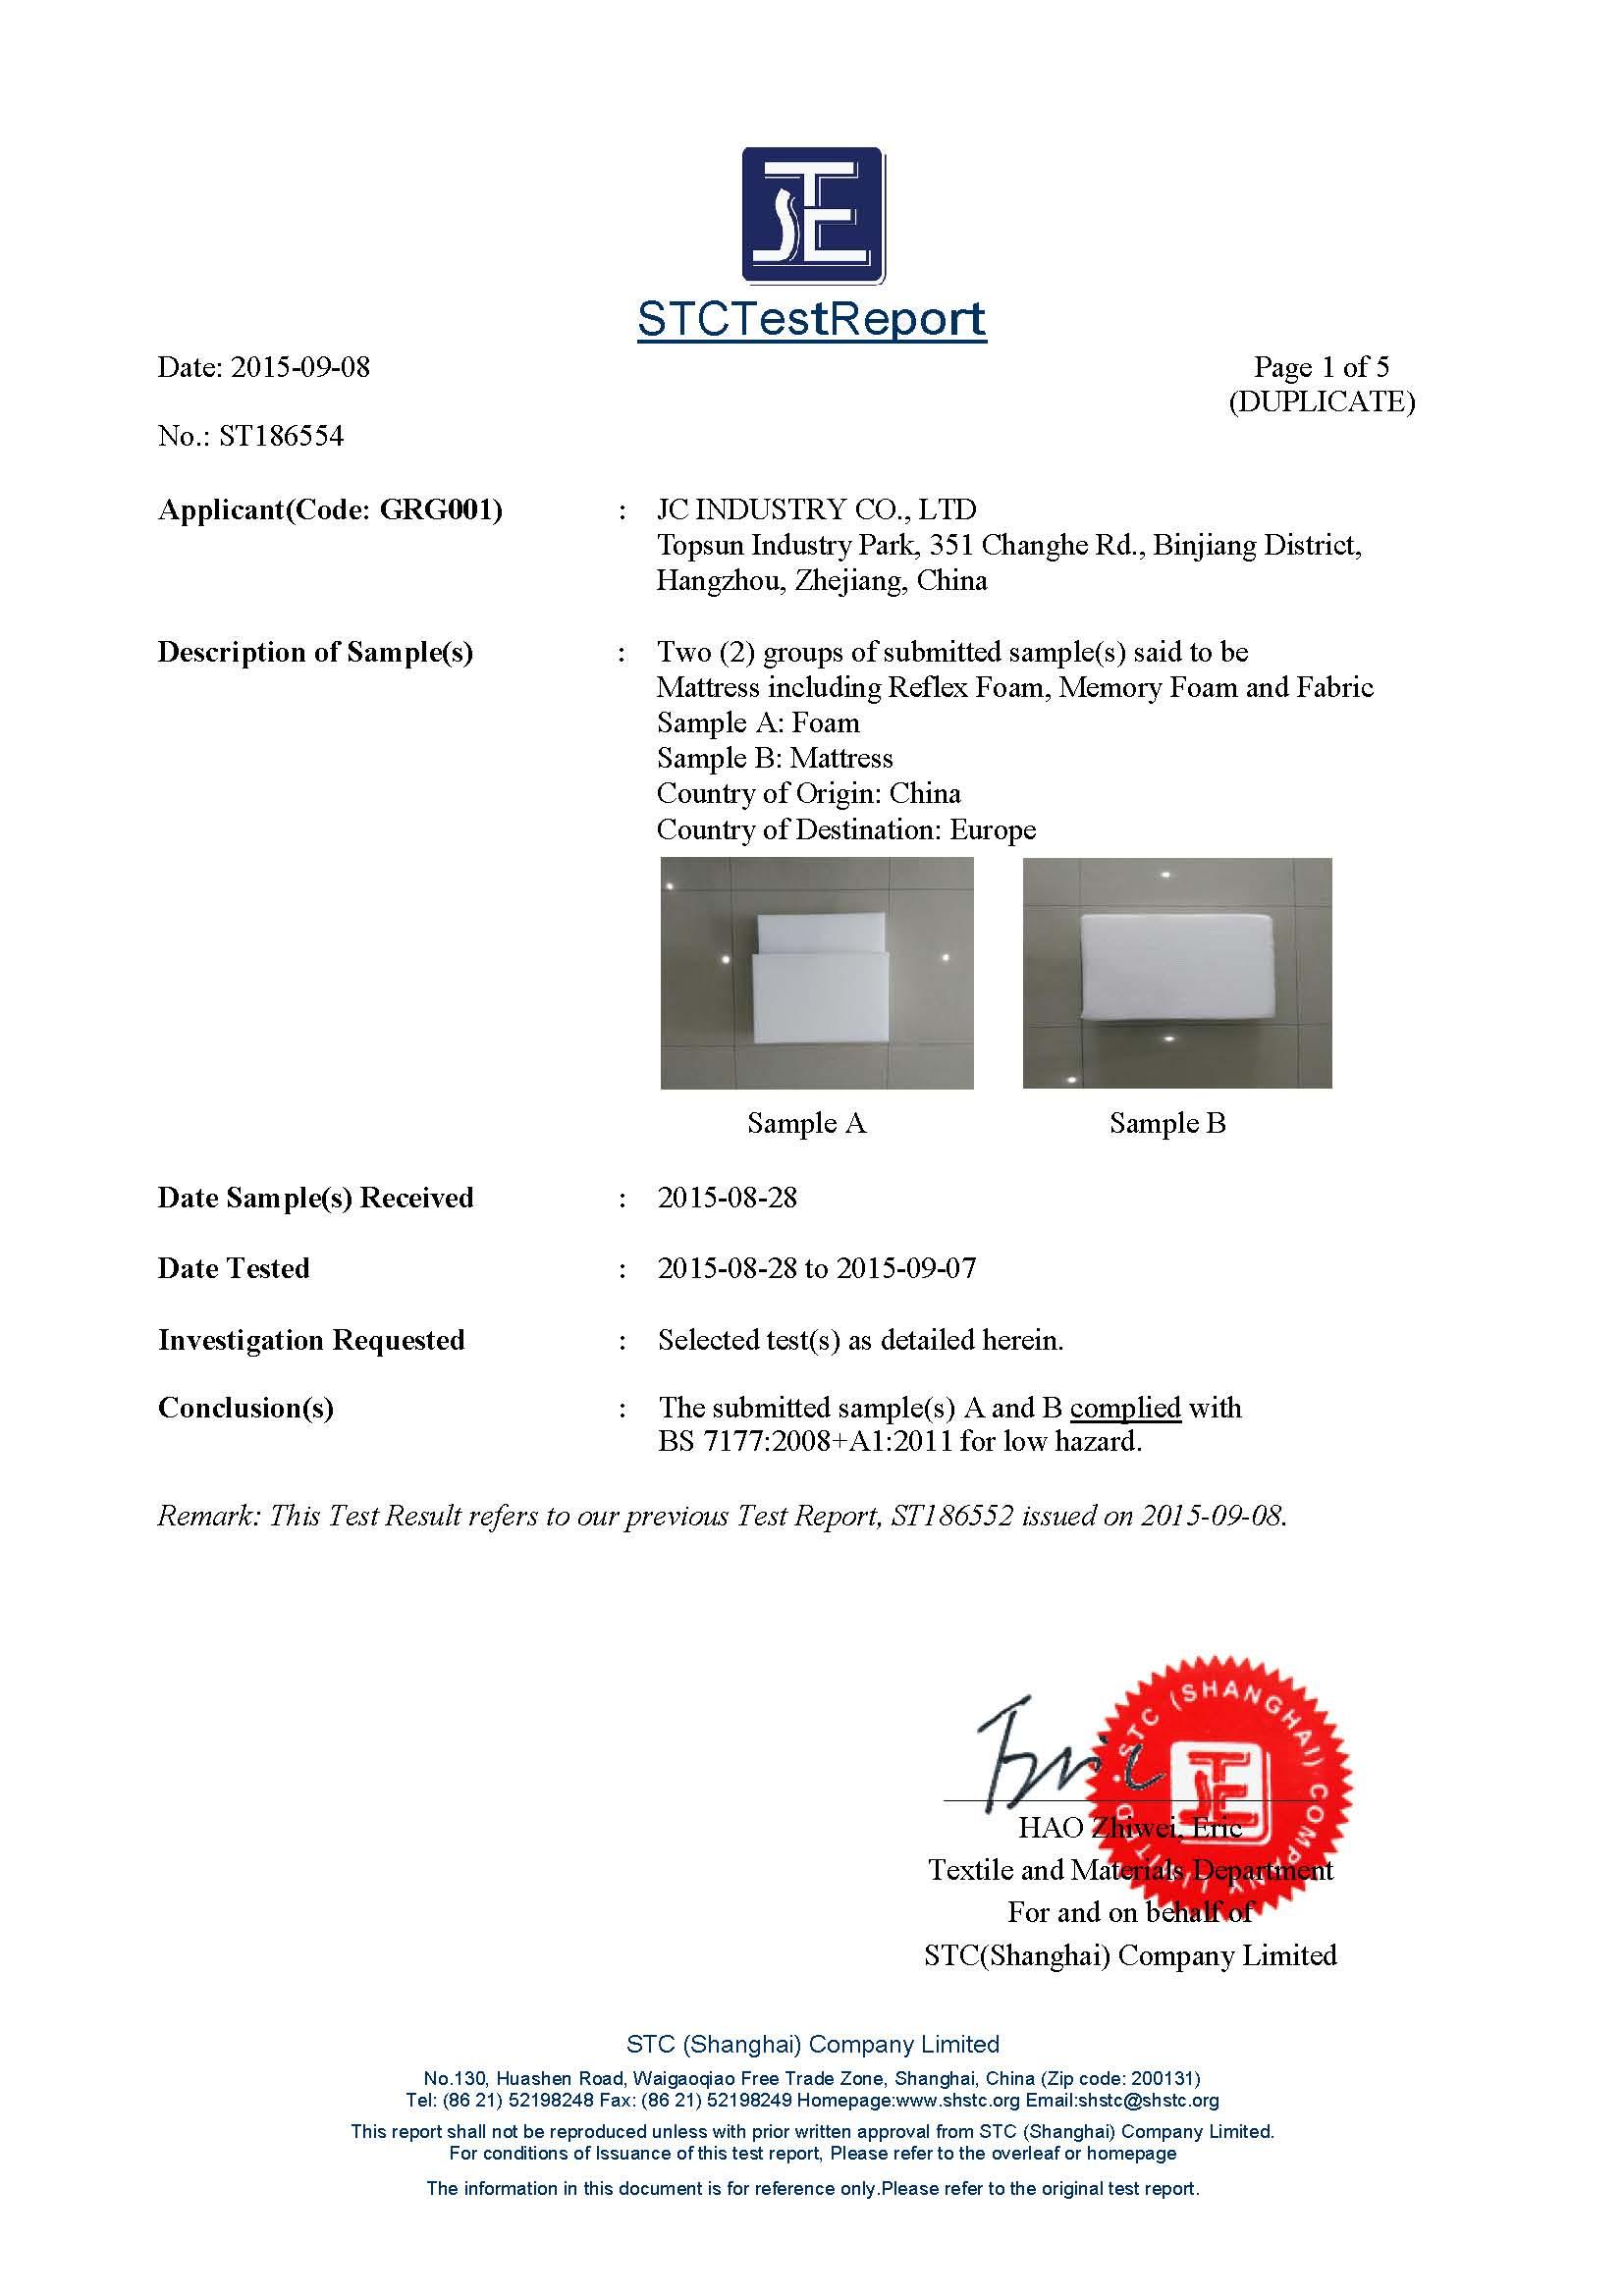 BS7177 Certificate